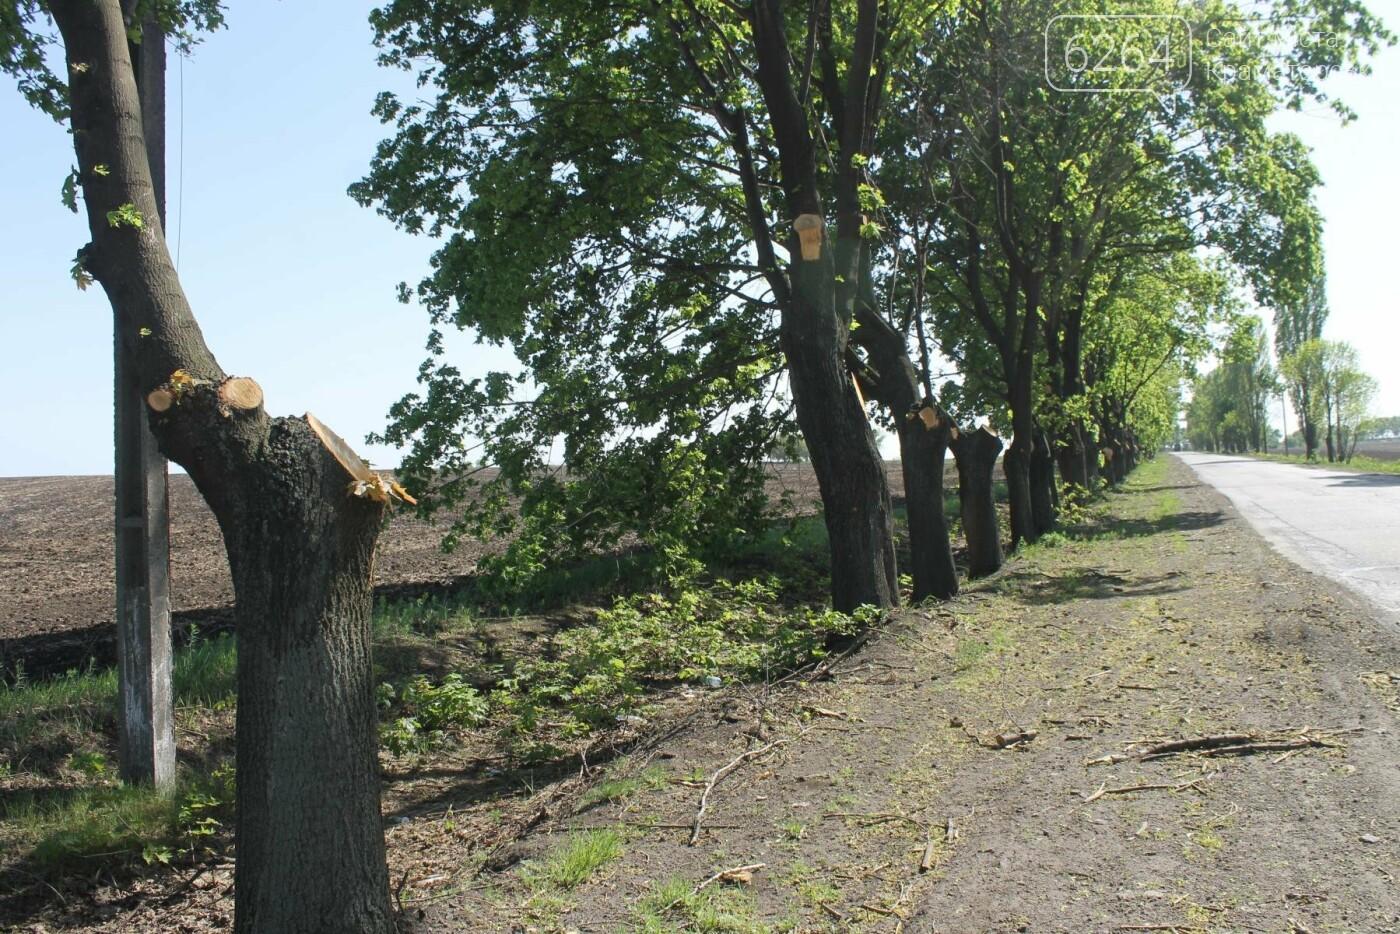 Опиловка близ Краматорска: непроглядный дым, вывоз отборного леса и скрытные «лесорубы», не знающие для кого и чего работают, фото-1